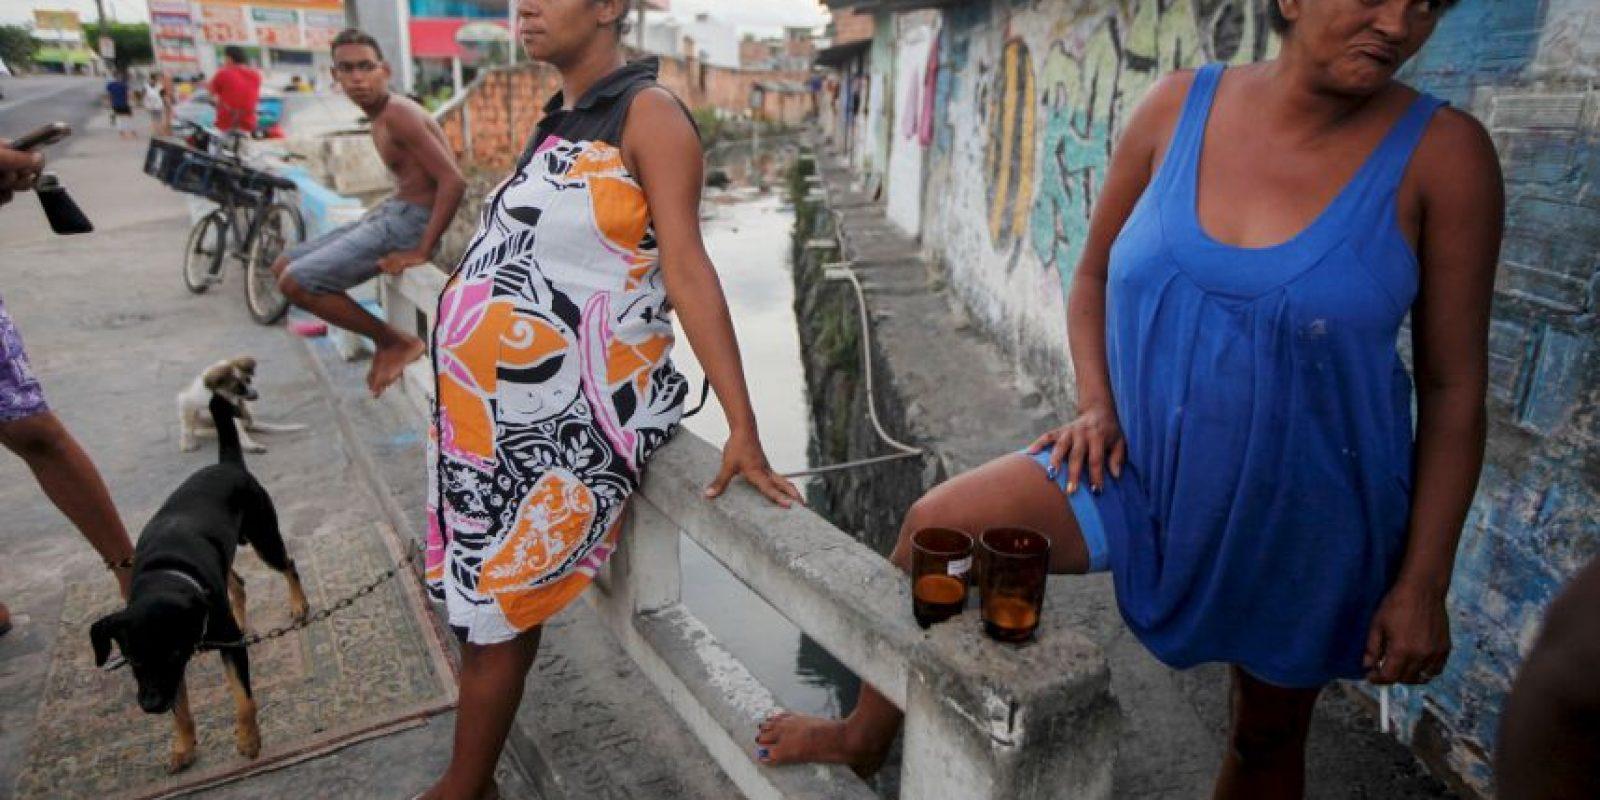 Las autoridades de salud investigan un posible vínculo entre embarazadas contagiadas con Zika y el nacimiento de bebés con microcefalia (desarrollo insuficiente del cráneo). Foto:Getty Images